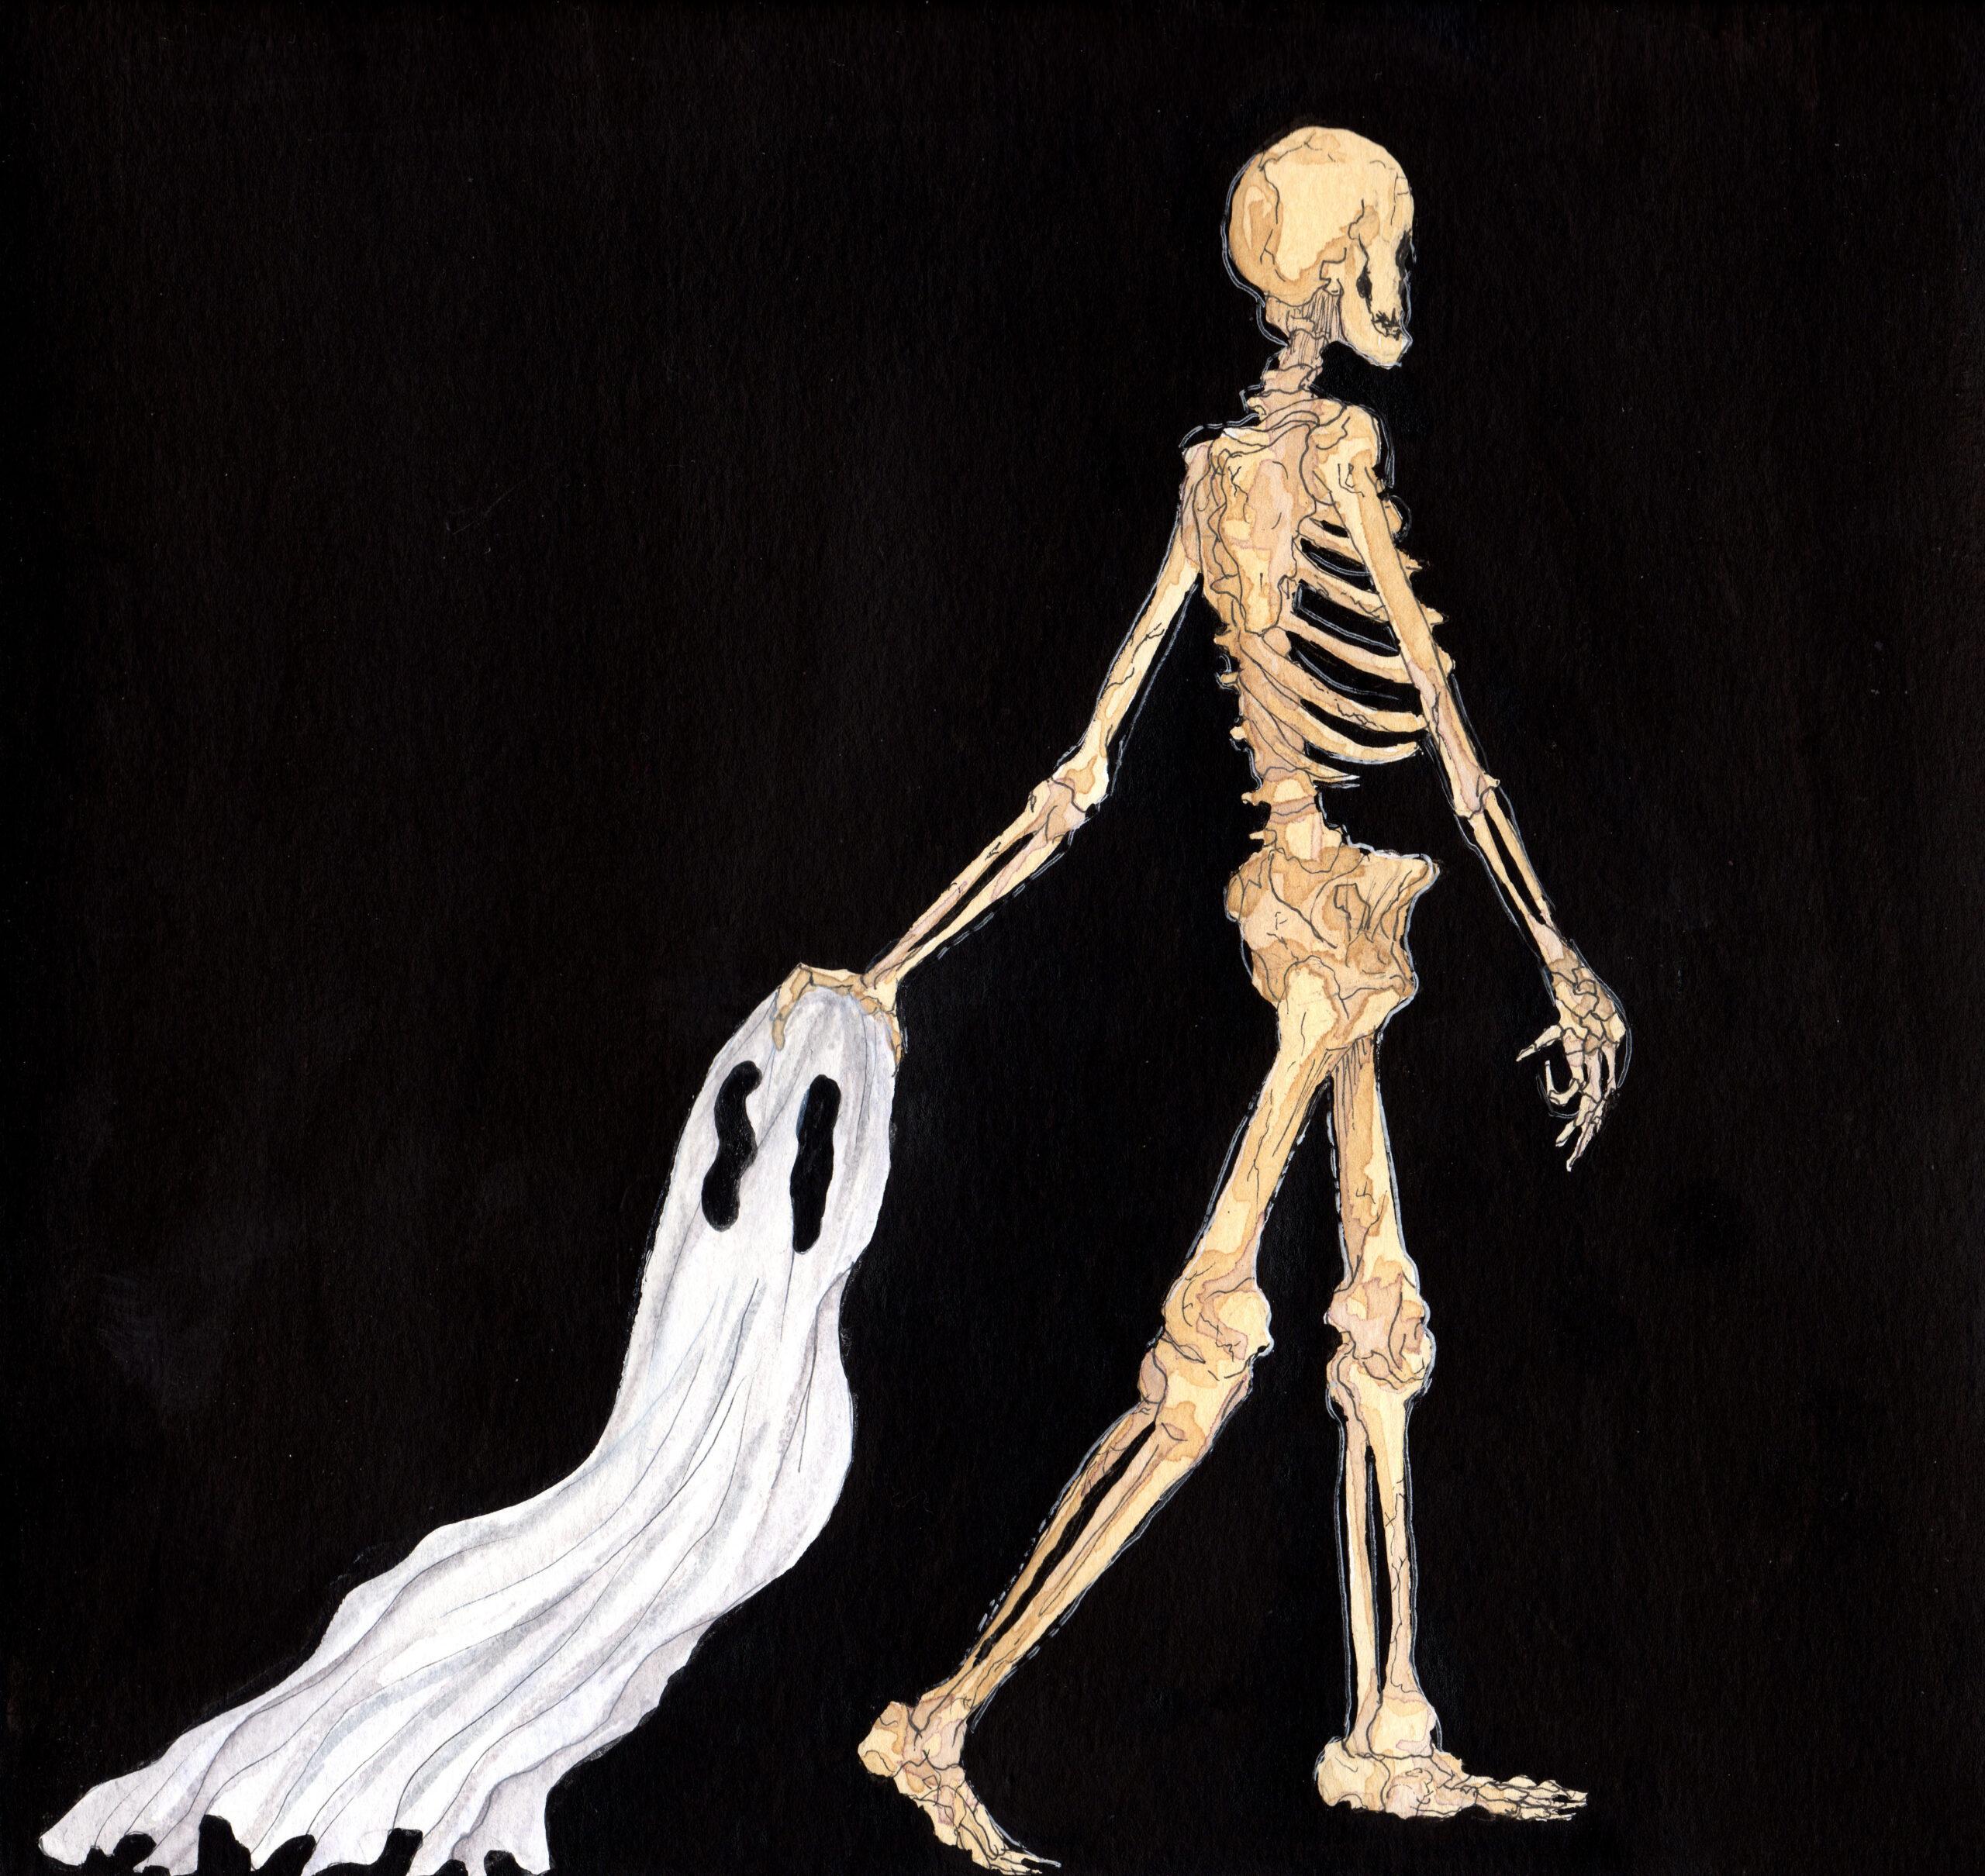 SkeleghostII